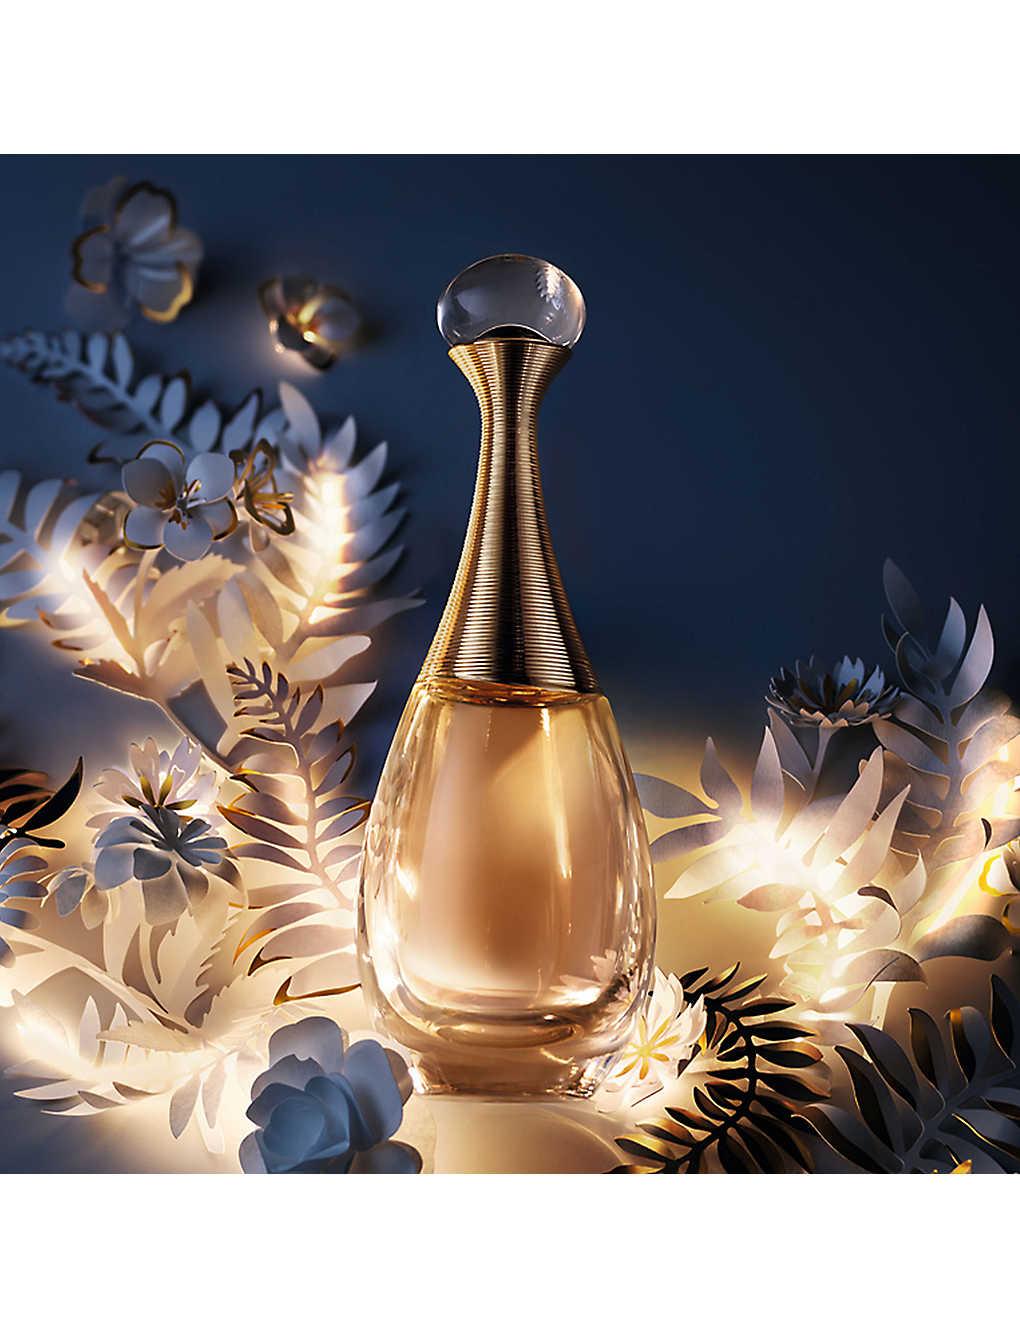 Dior Limited-Edition J'adore Eau de Parfum